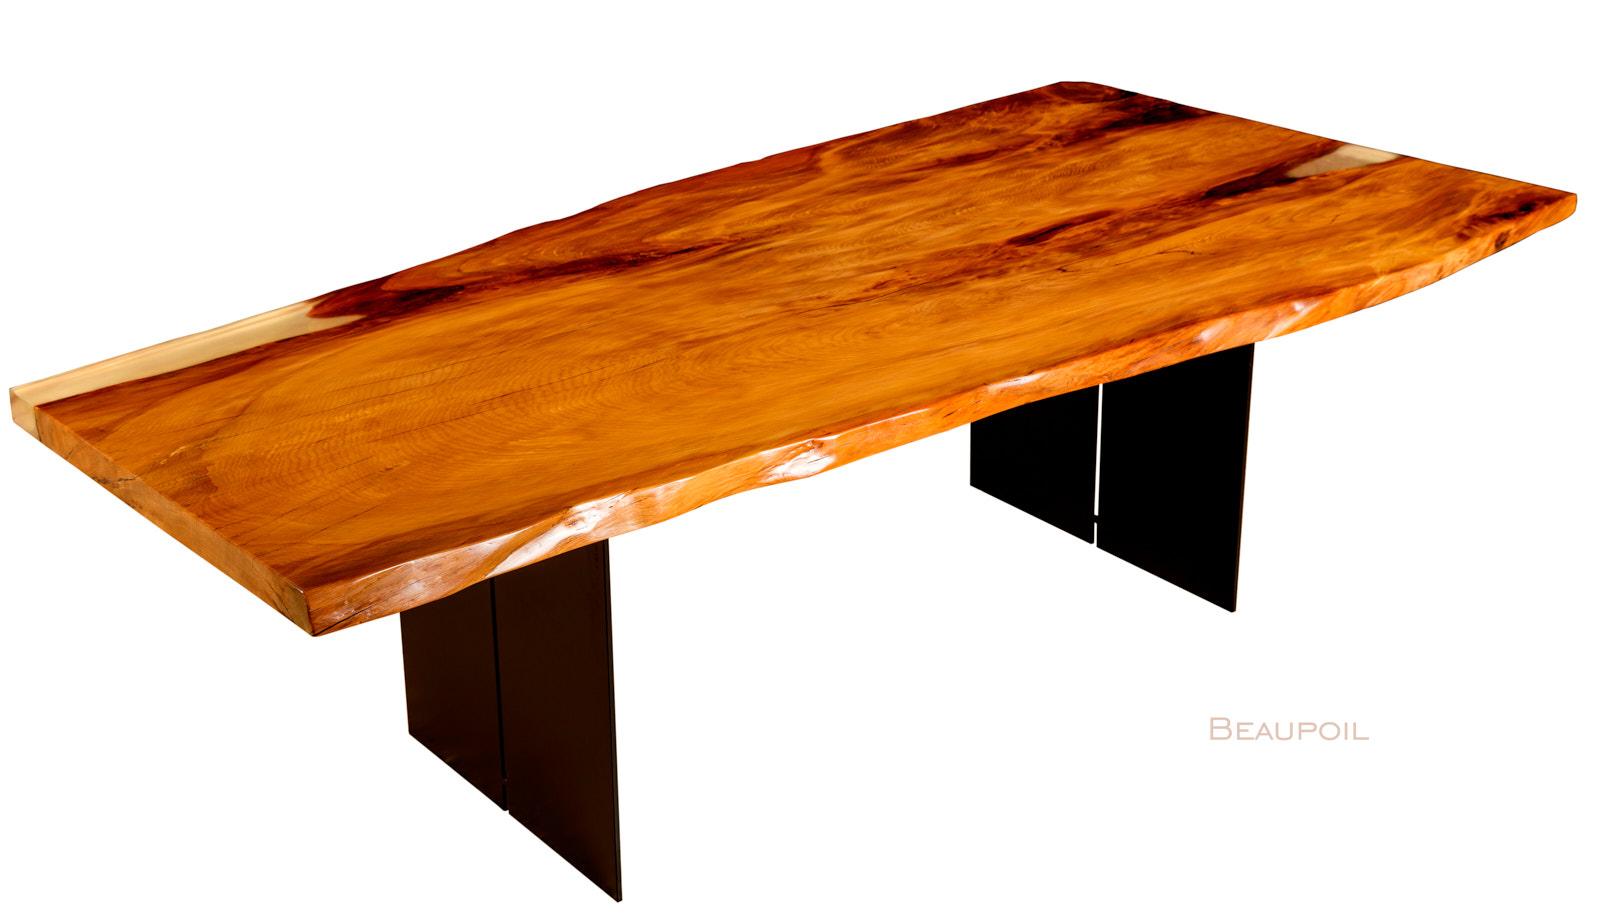 Einzigartiger Kauri Esstisch aus kunstvollem Baumstamm mit einer Tischplatte aus den Sümpfen Neuseelands an einem Stück gewachsen und einzigartigem Naturcharakter